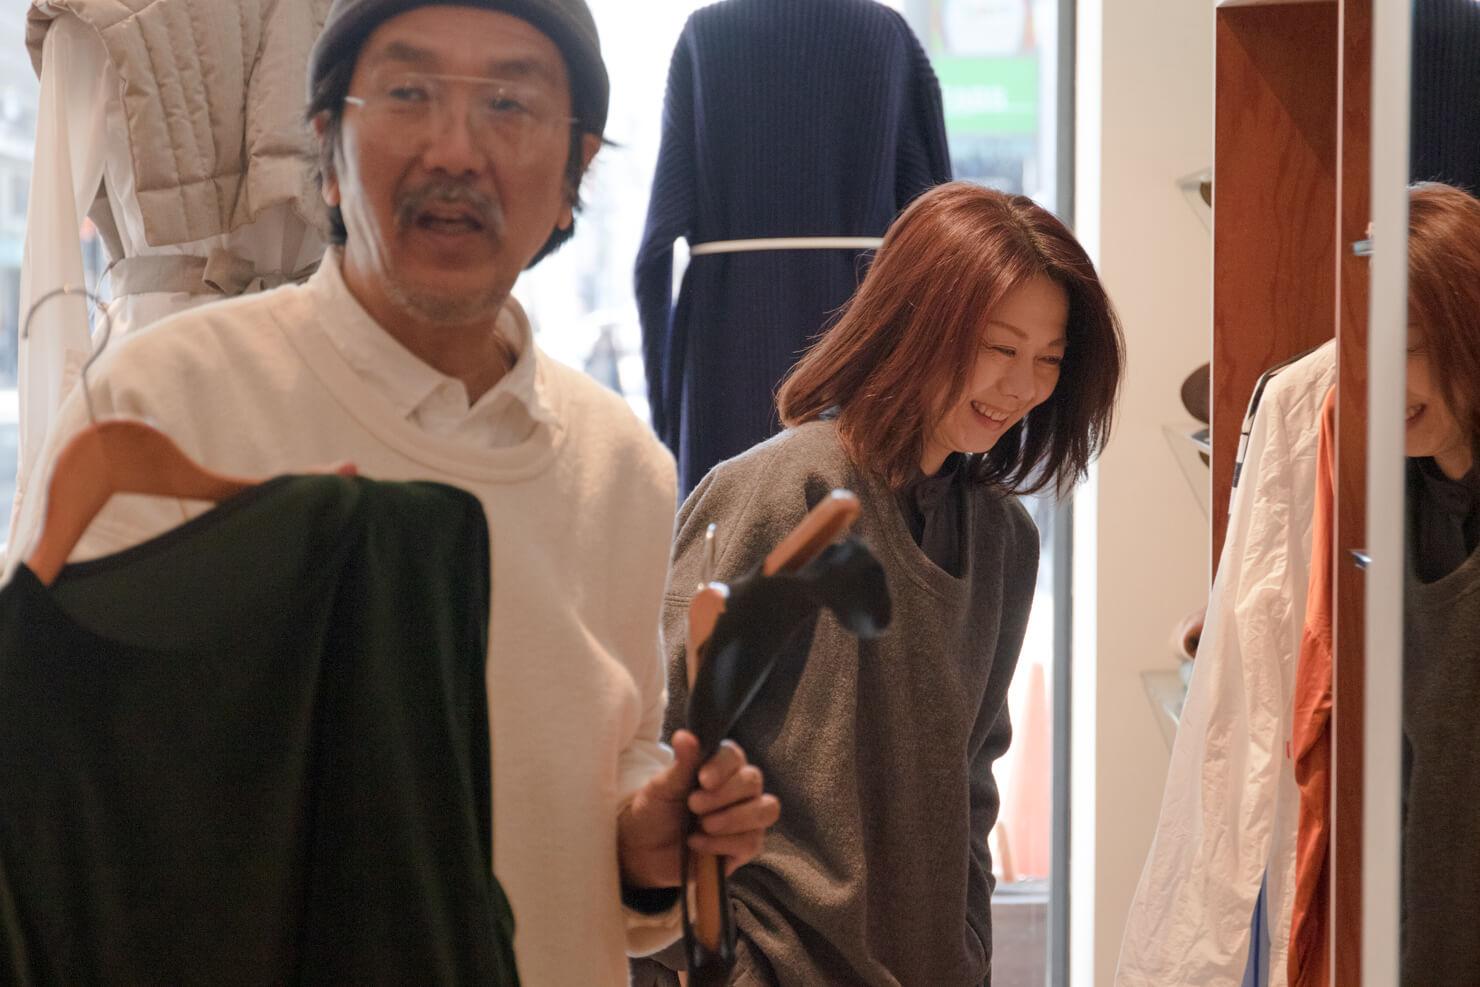 浅田さんと笑顔の典子さんがお店にいる写真